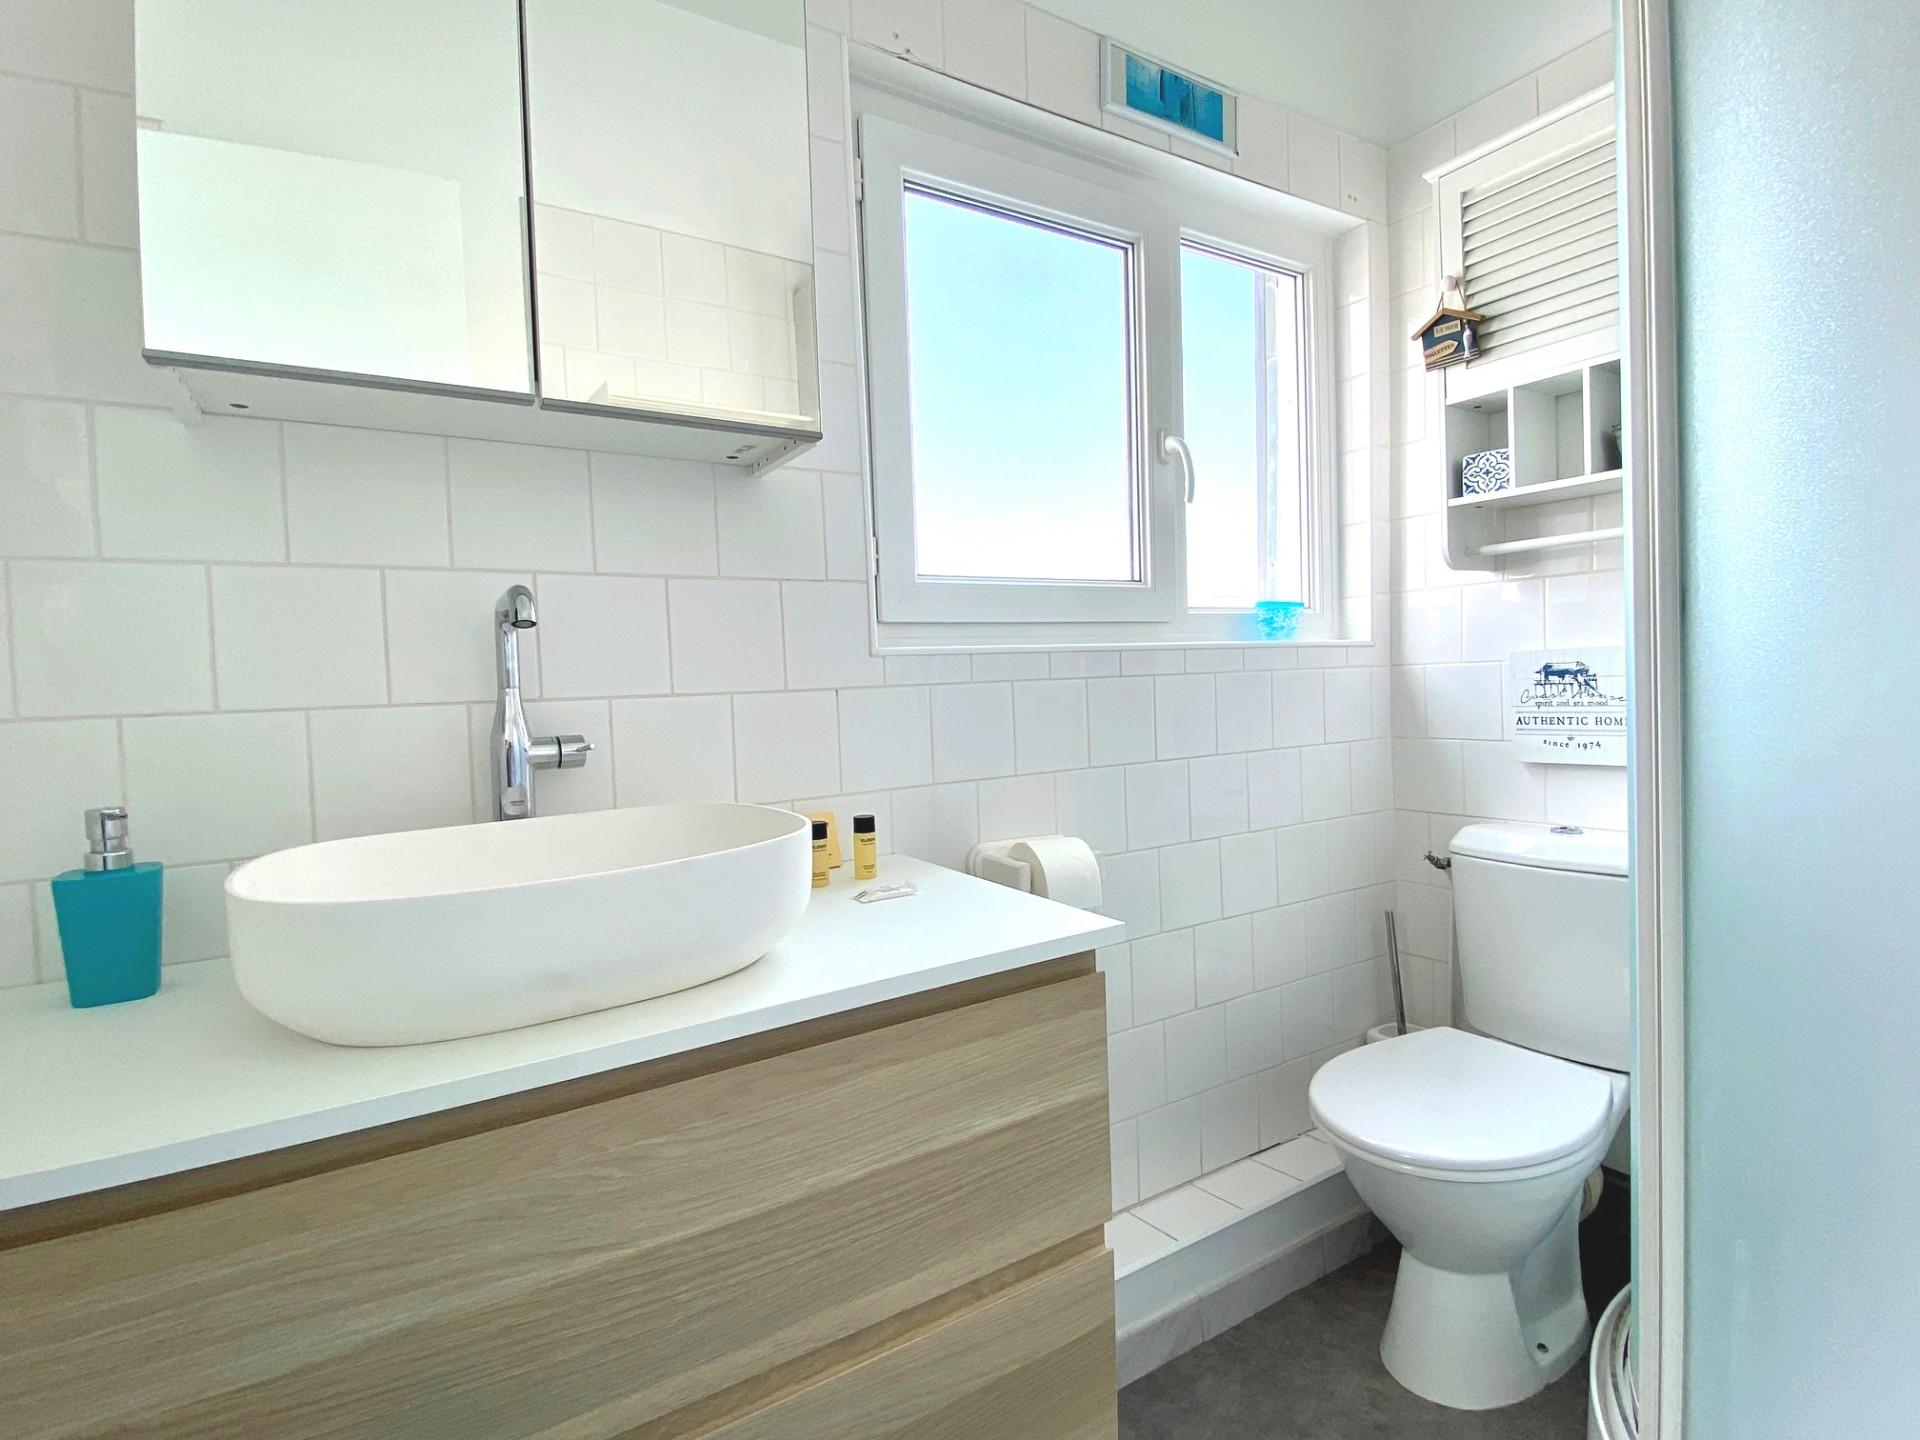 salle-de-bain-appartement-a-vendre-la-clef-des-villes-agence-immobiliere-villers-sur-mer